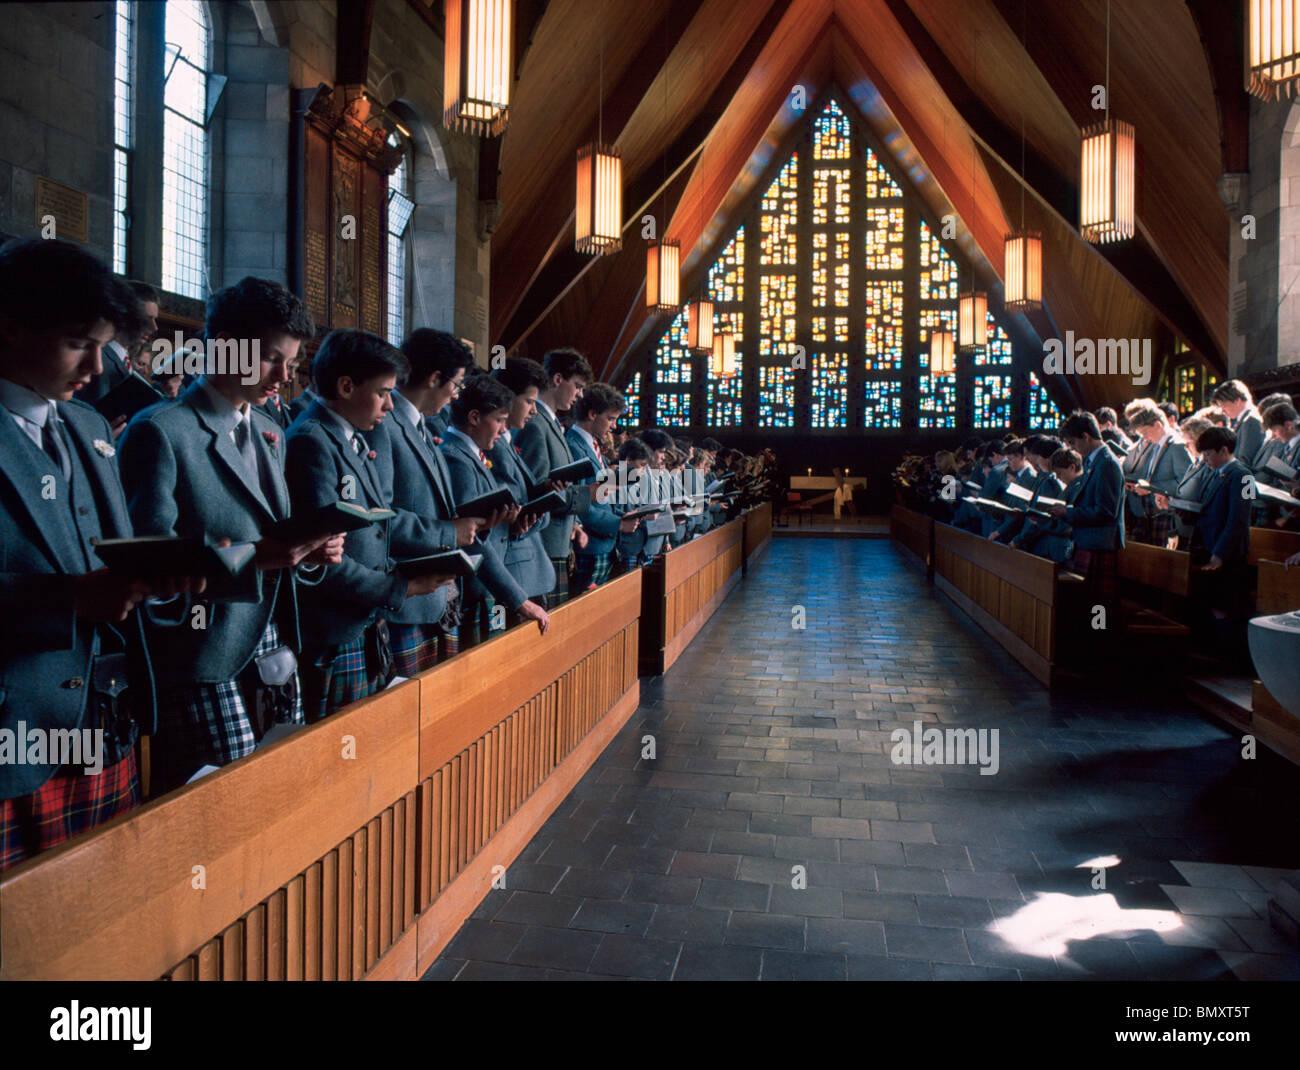 Loretto School chapel service, 1980's. Stock Photo